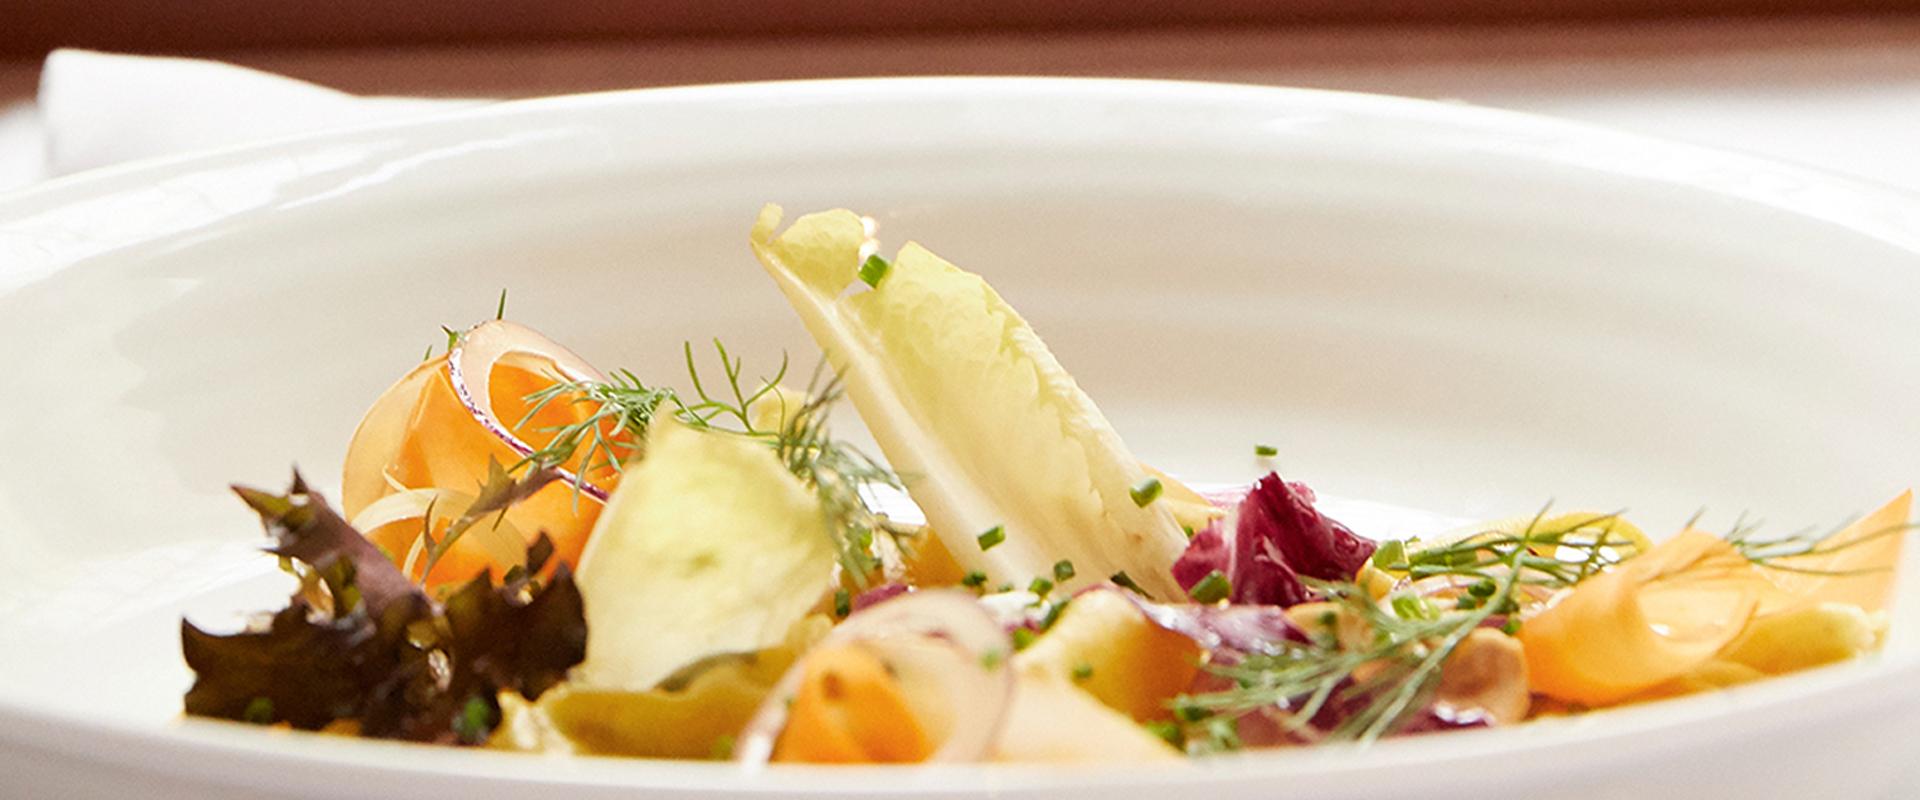 Dish - BrasserieHistorique